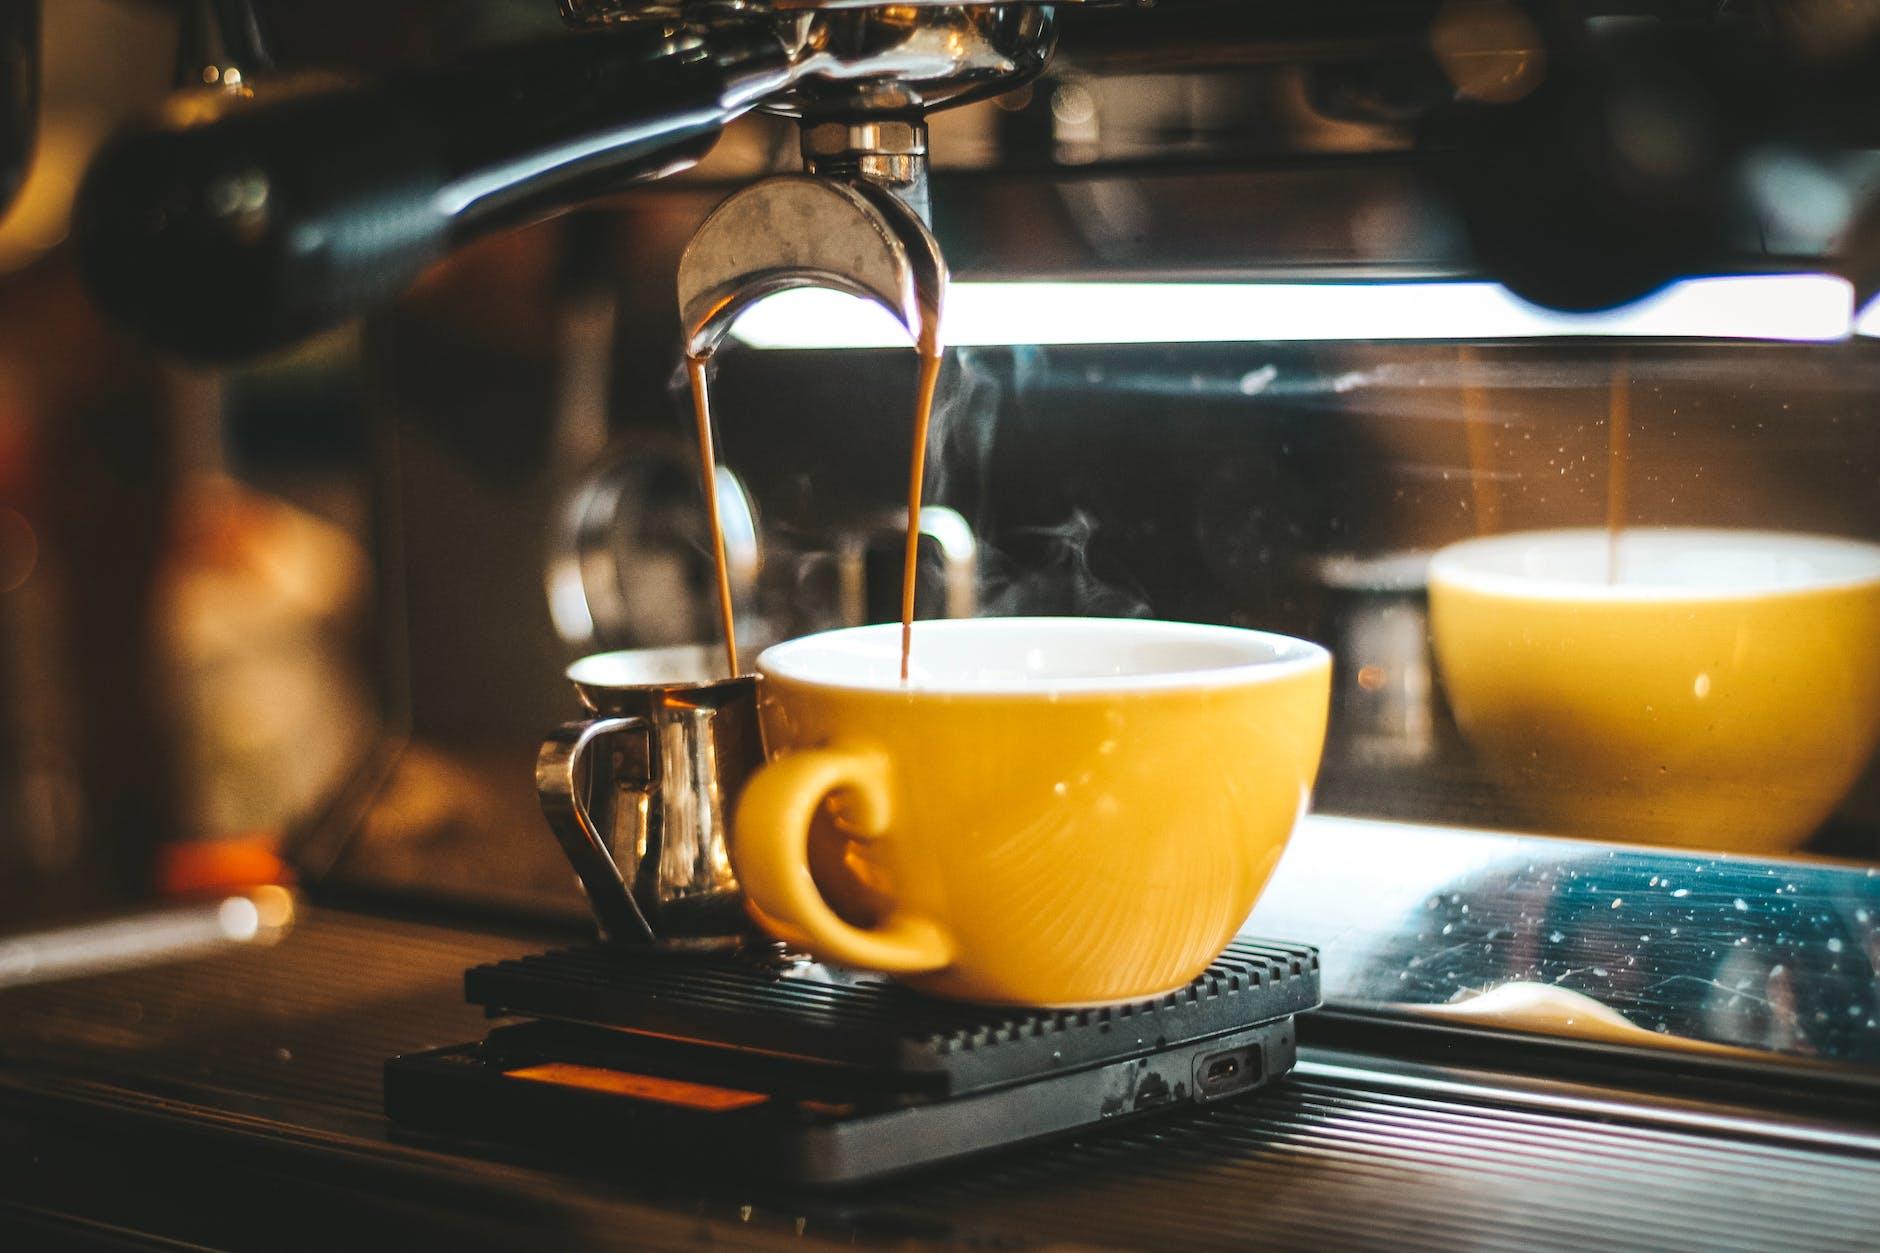 Keurig vs. Nespresso